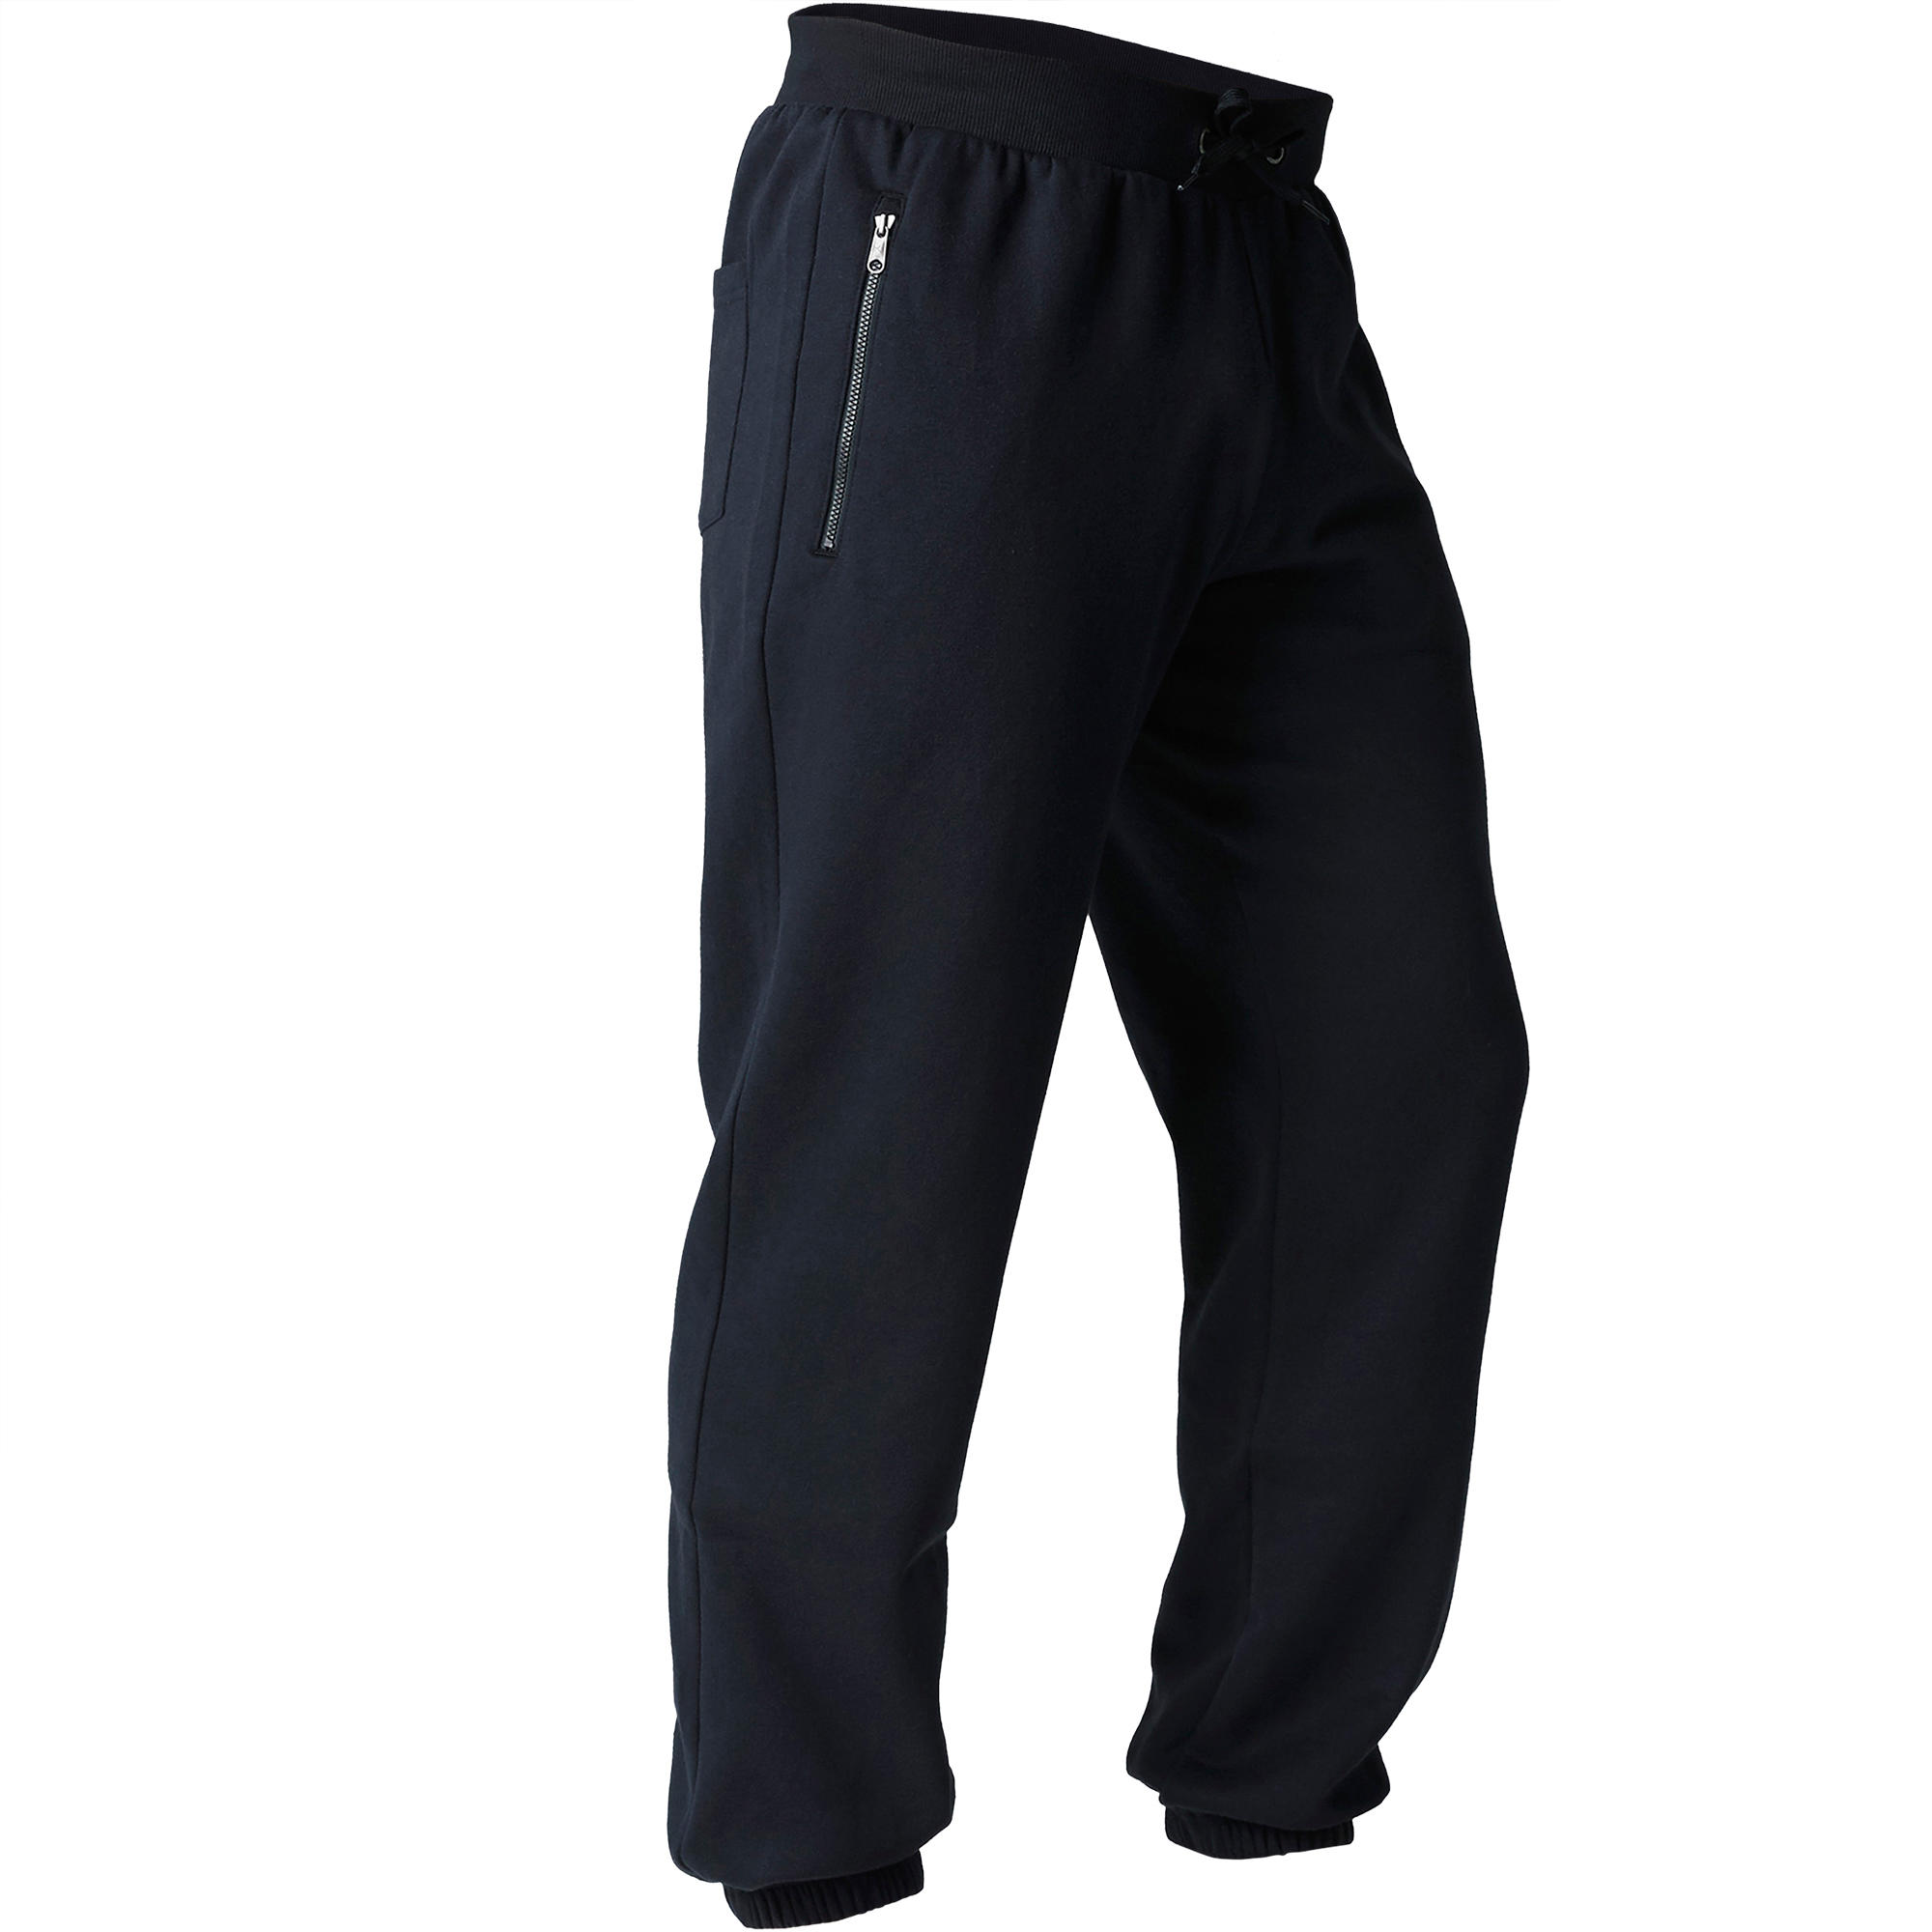 900 Regular-Fit Zipper Stretching Bottoms - Black